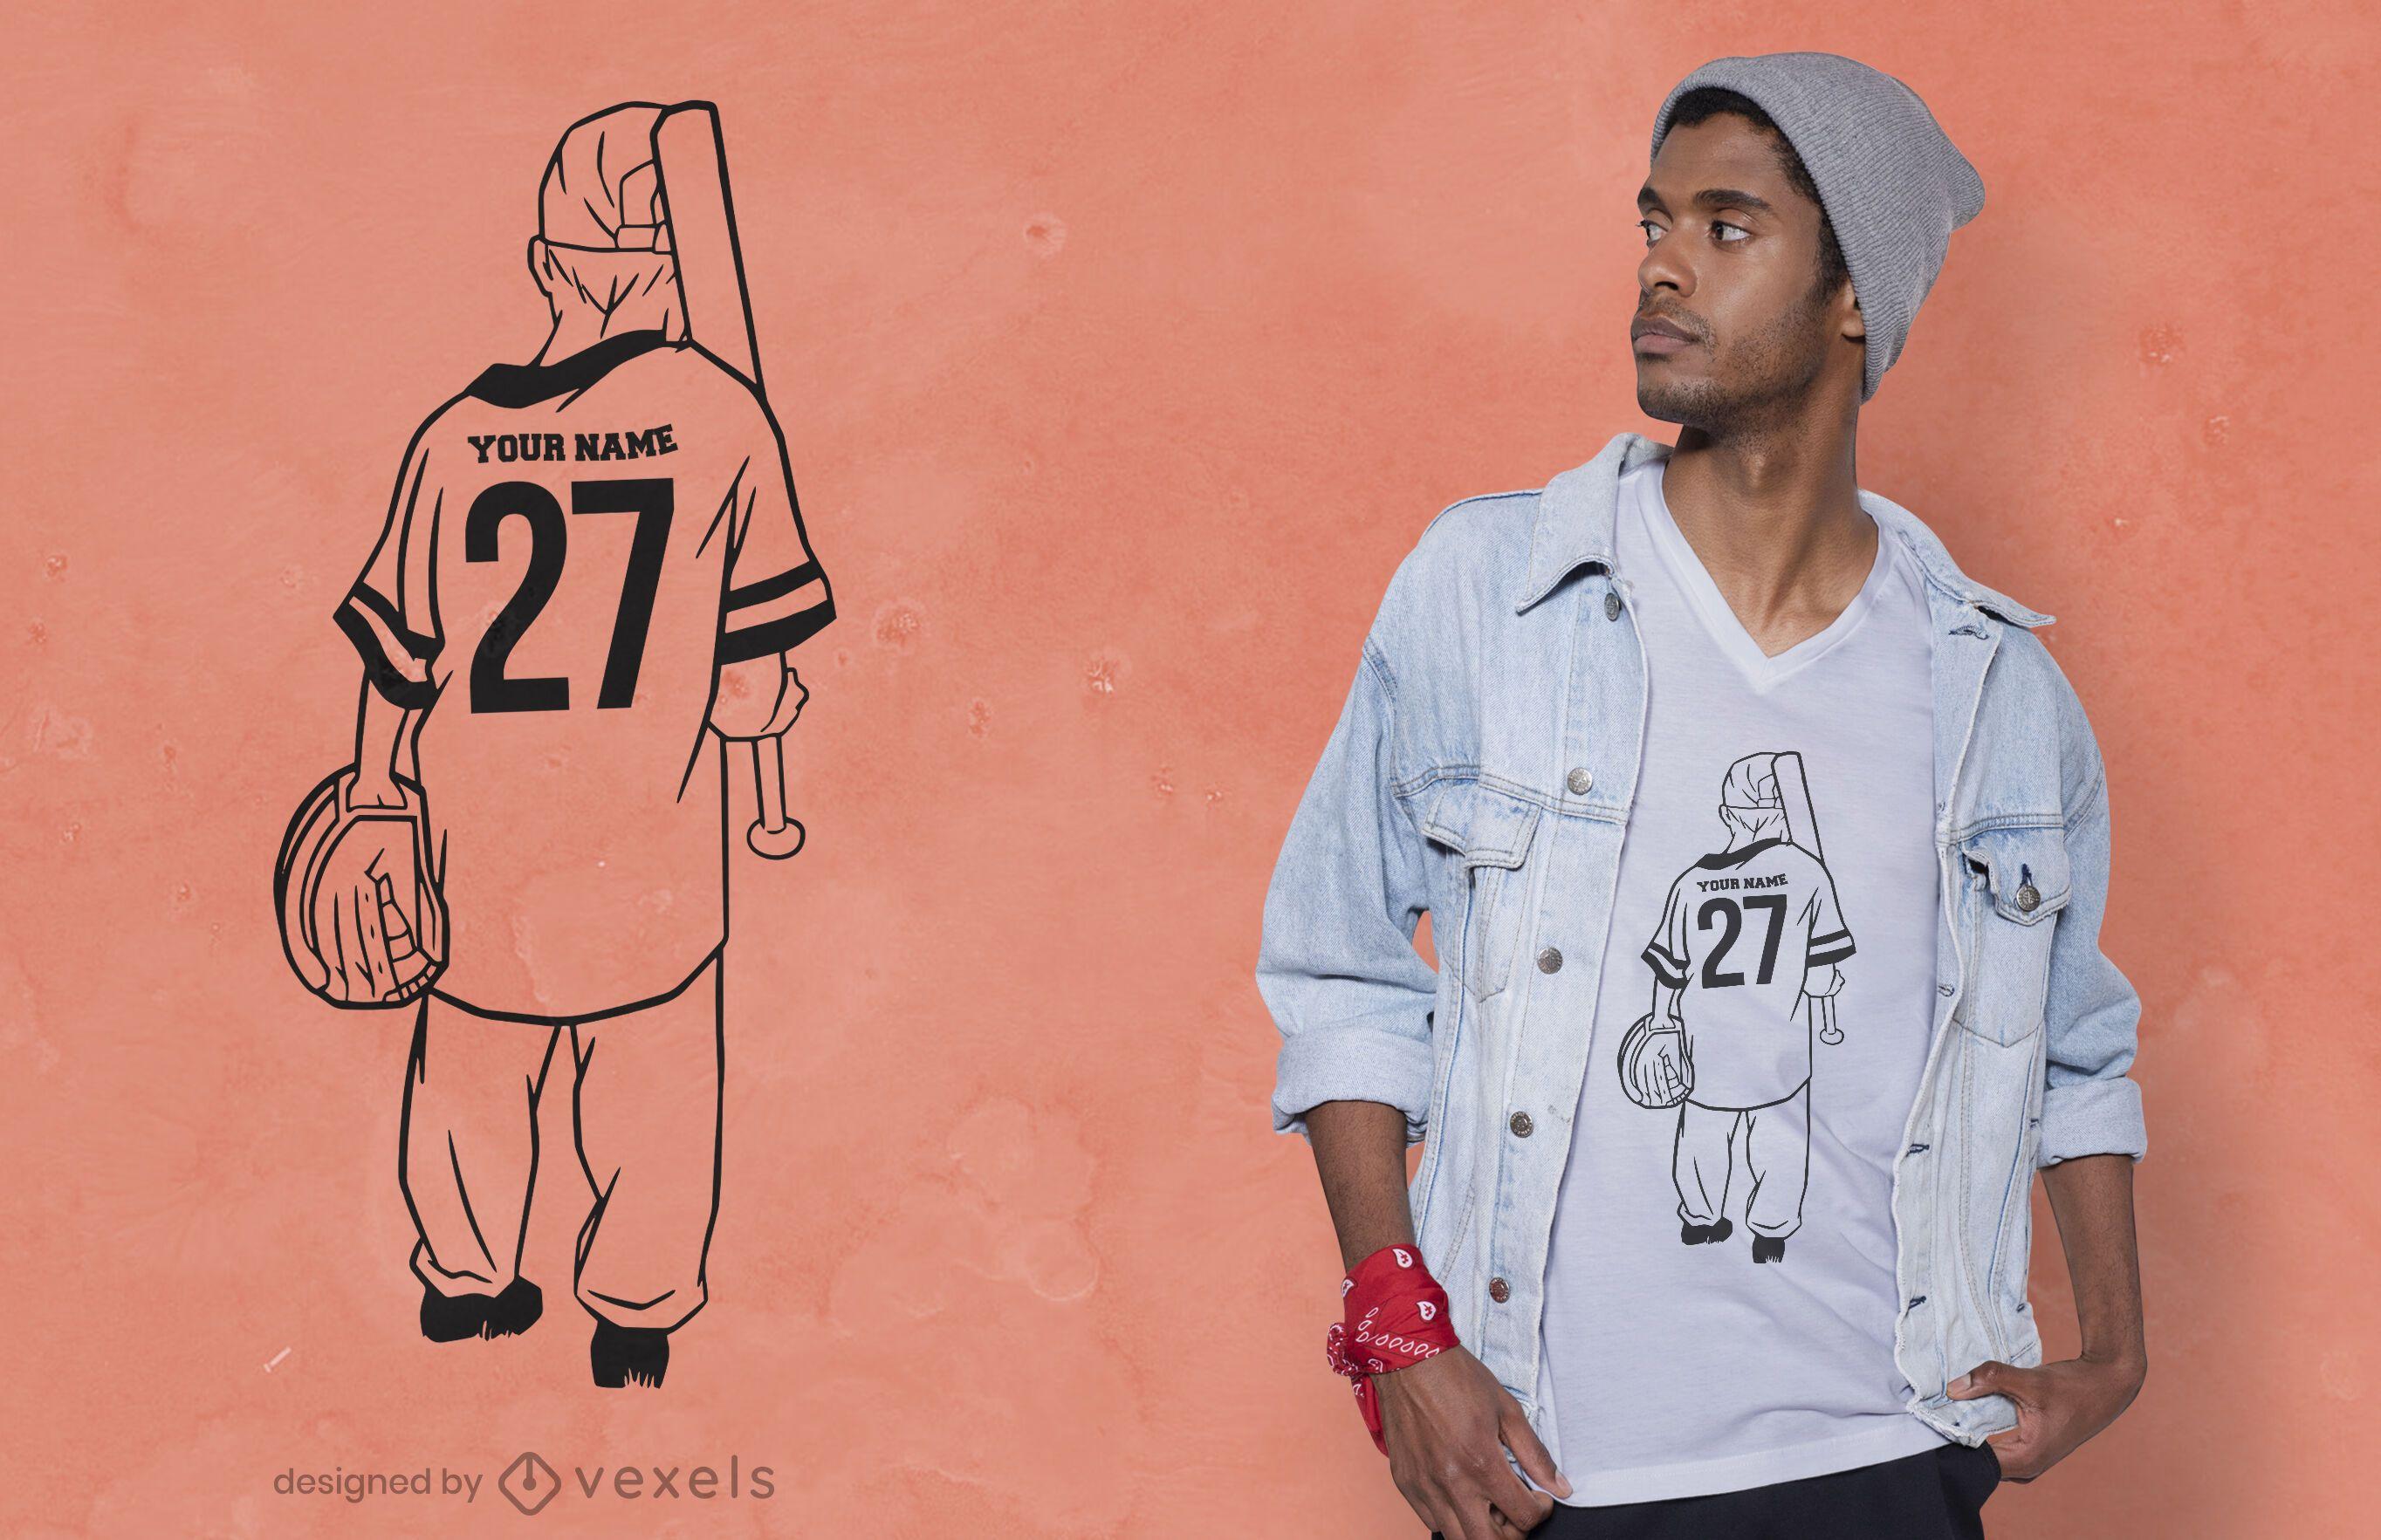 Diseño de camiseta de jugador de béisbol joven.